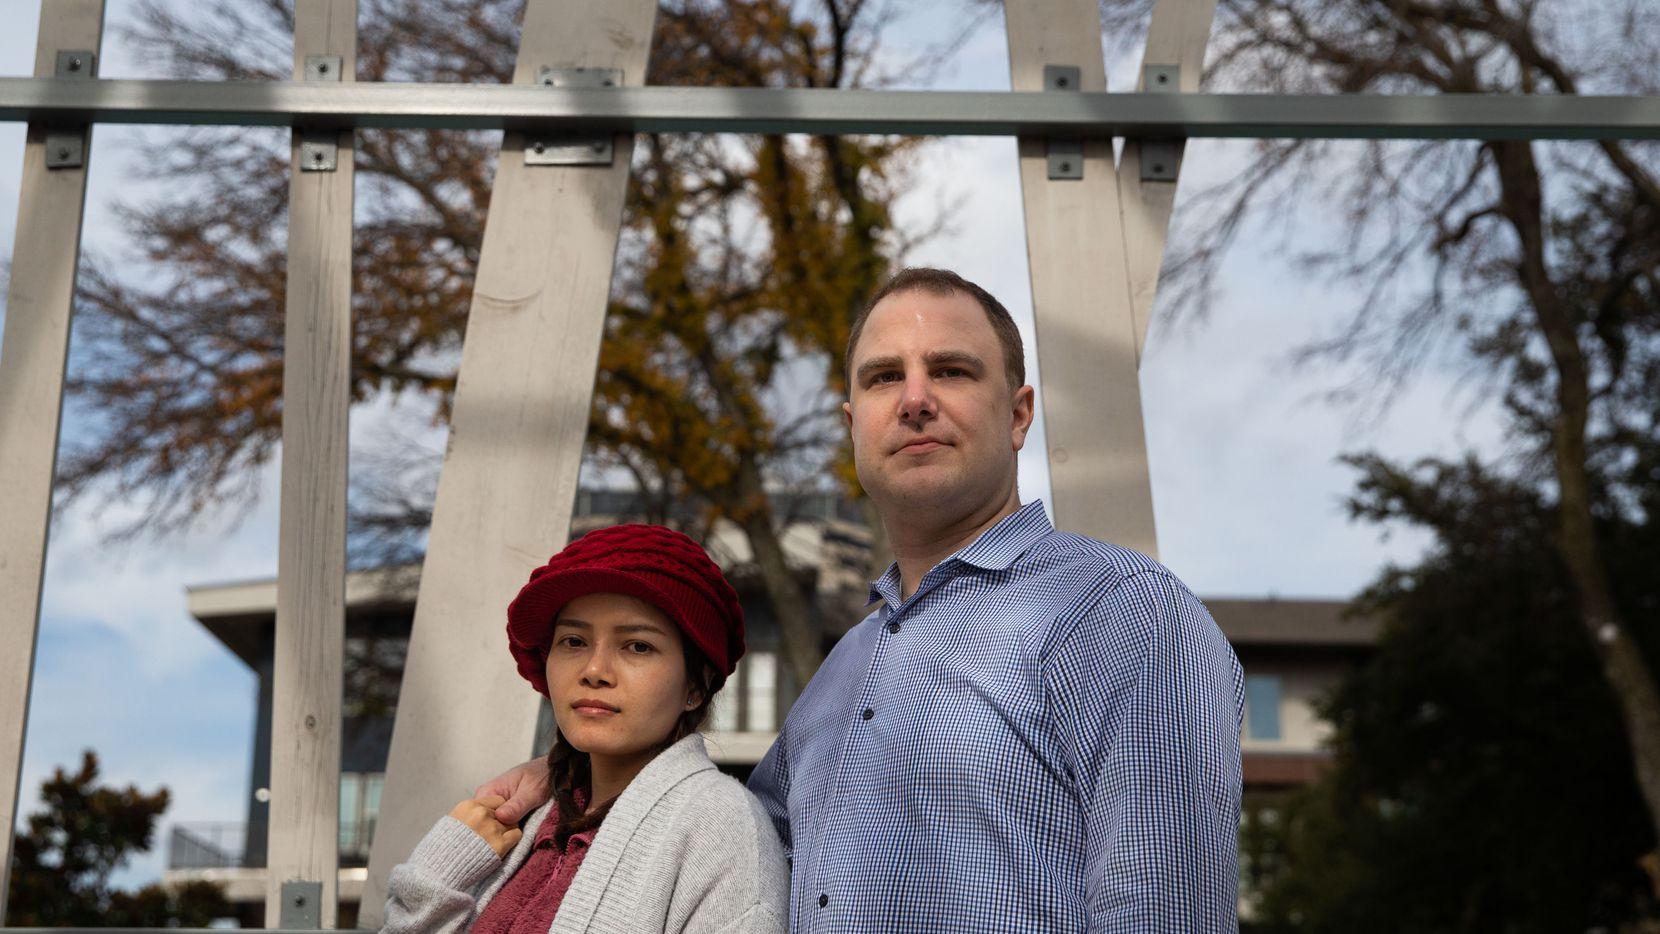 Aaron Jones (Der.) y su esposa Trinh Nguyen posan afuera del complejo de apartamentos donde viven en Dallas. Jones, quien es ciudadano estadounidense y Nguyen, residente permanente que nació en Vietnam, realizan su declaración de impuestos conjuntamente.